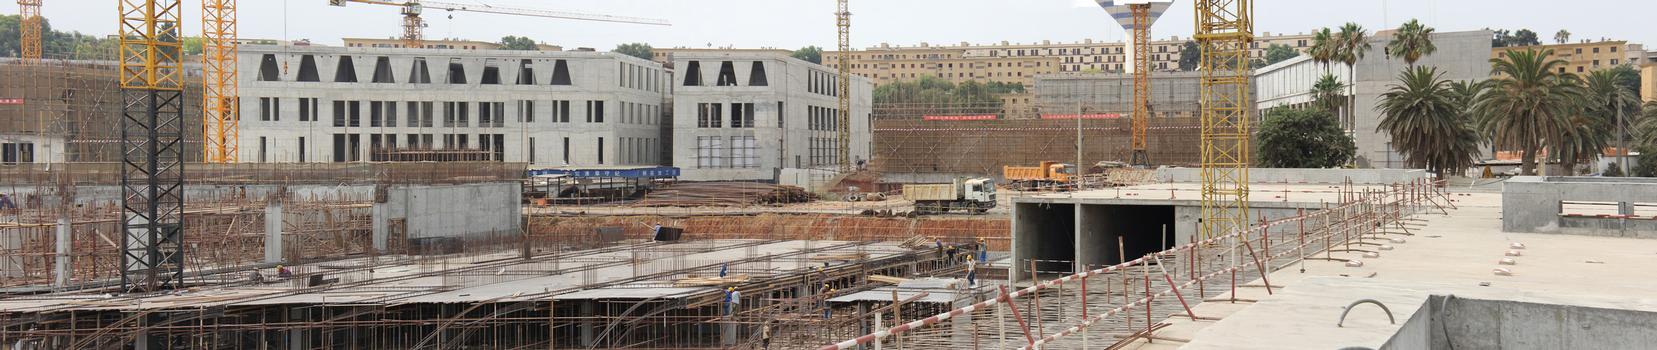 مشروع جامع الجزائر الأعظم: إعطاء إشارة إنطلاق أشغال الإنجاز - صفحة 9 140725_panorama_moschee